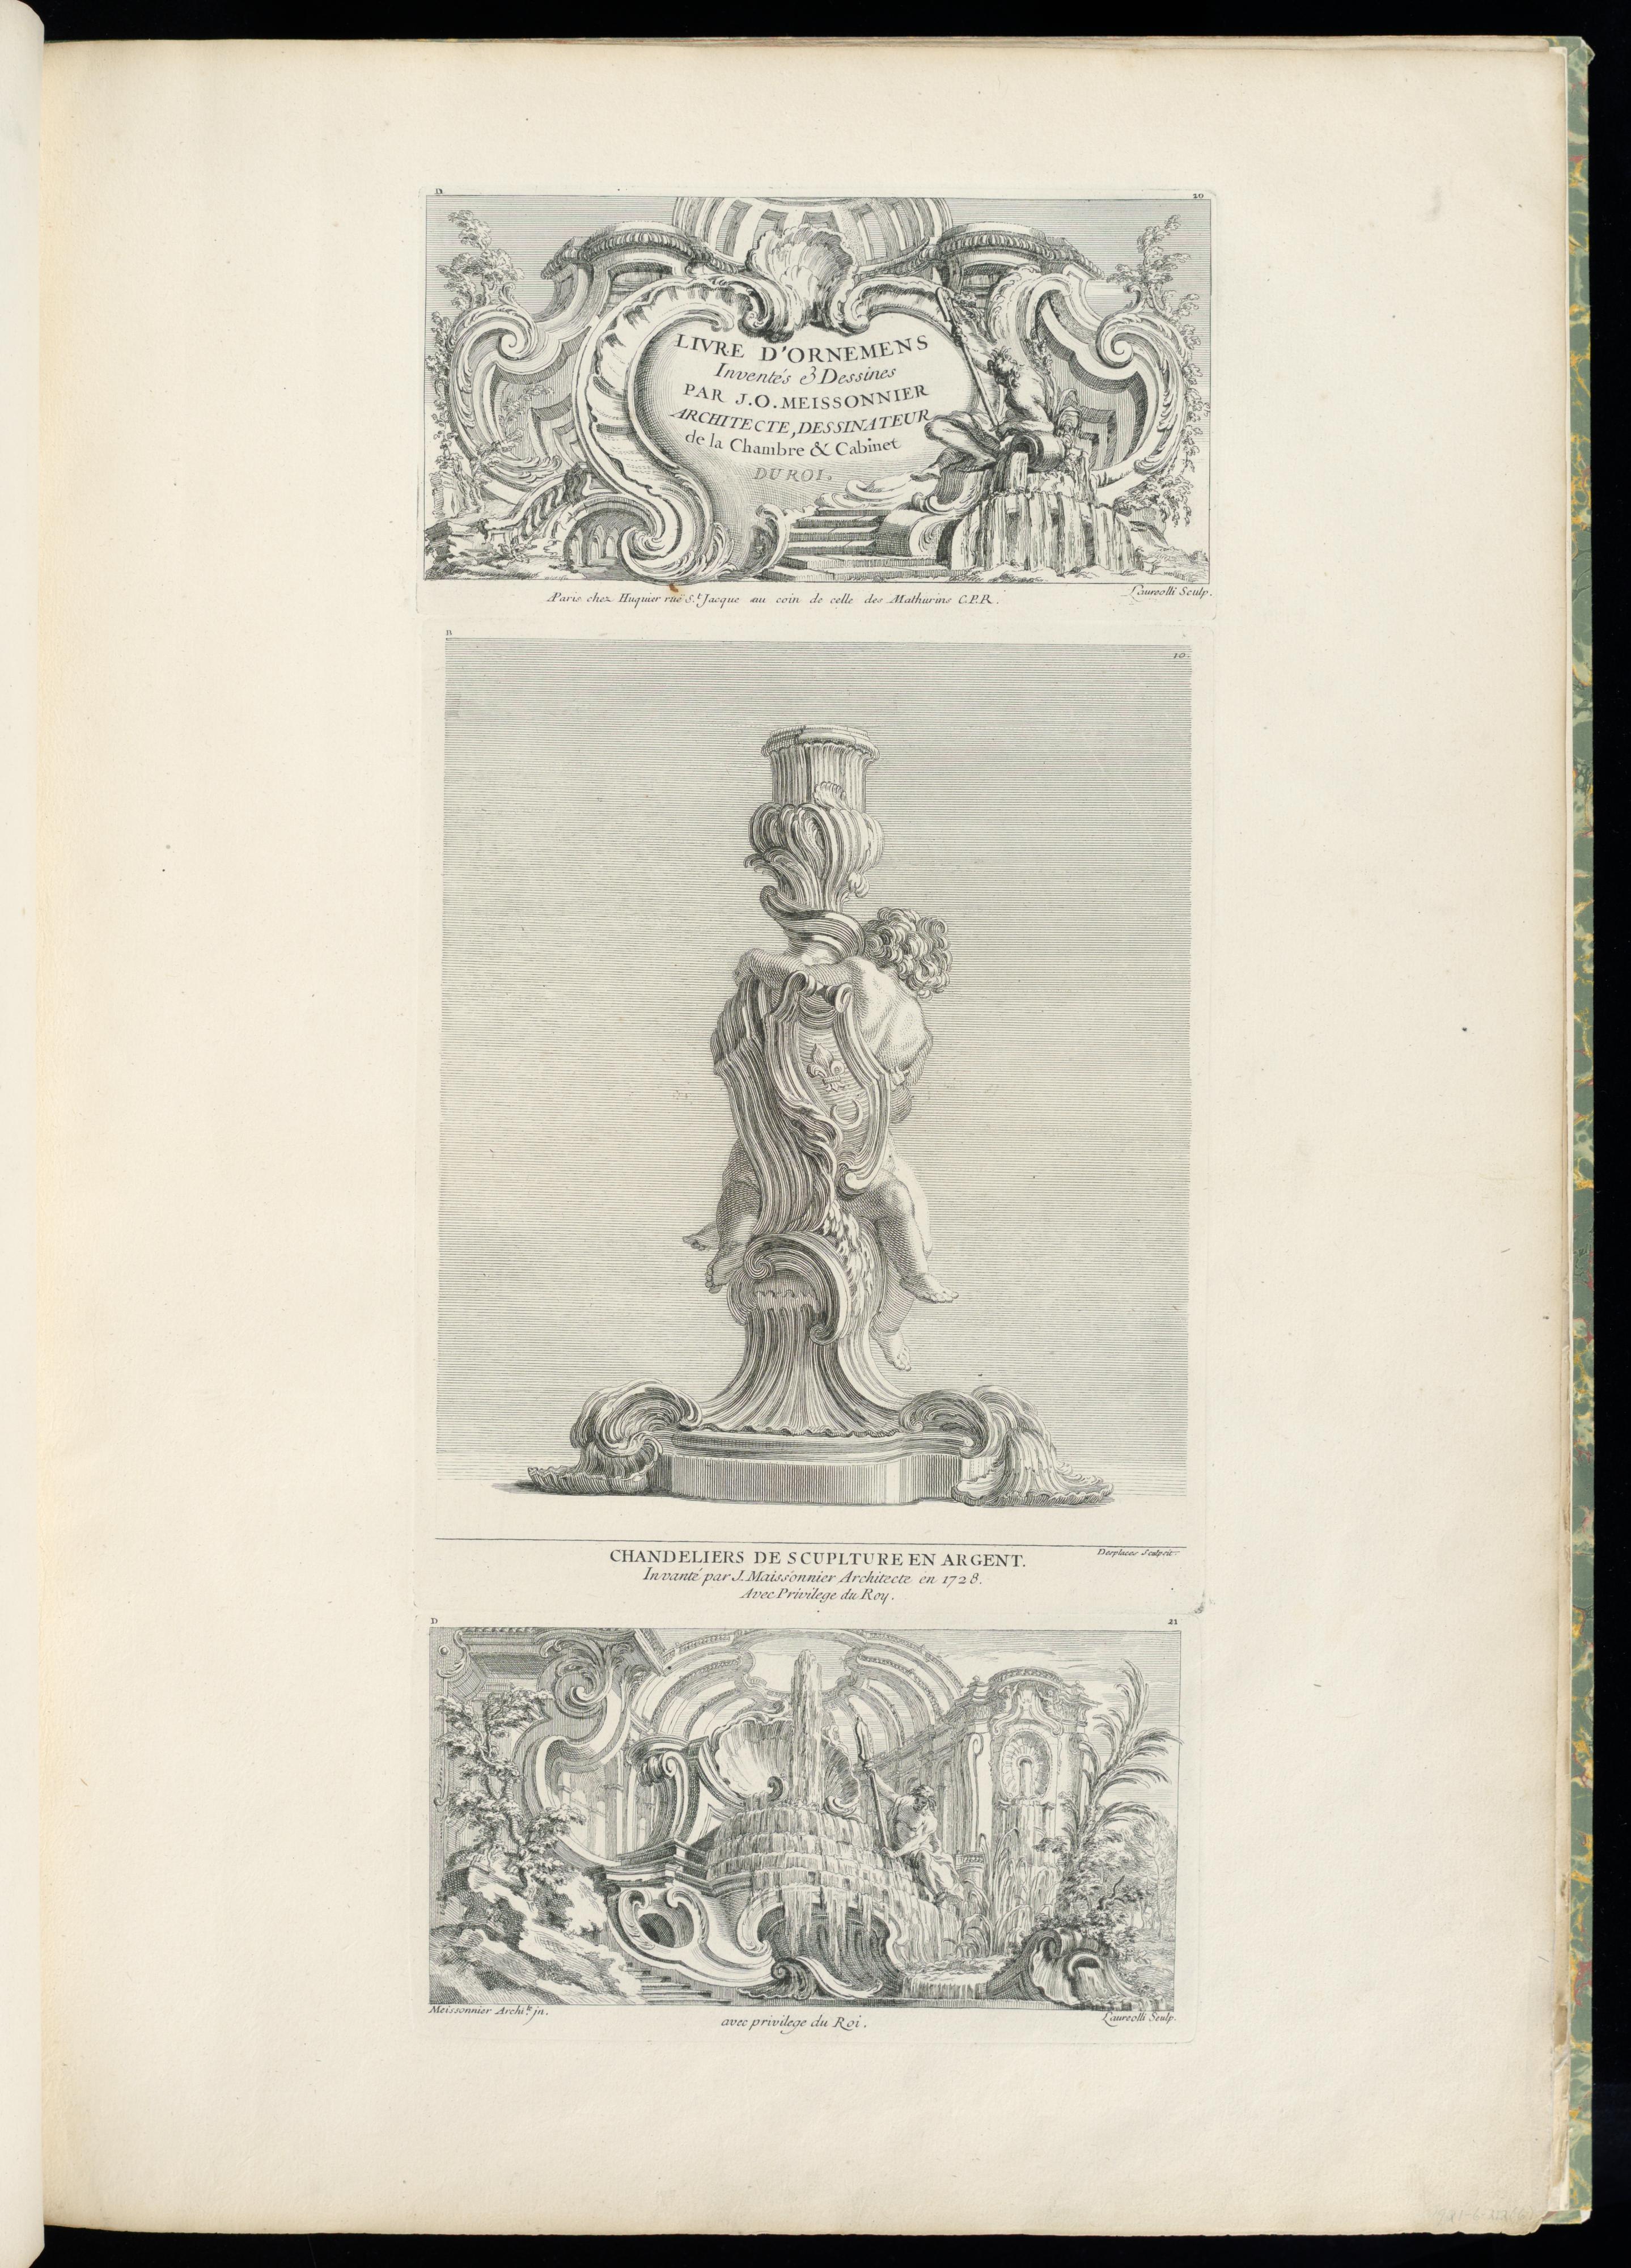 File Print Livres D Ornemens Inventés and Dessines par J A